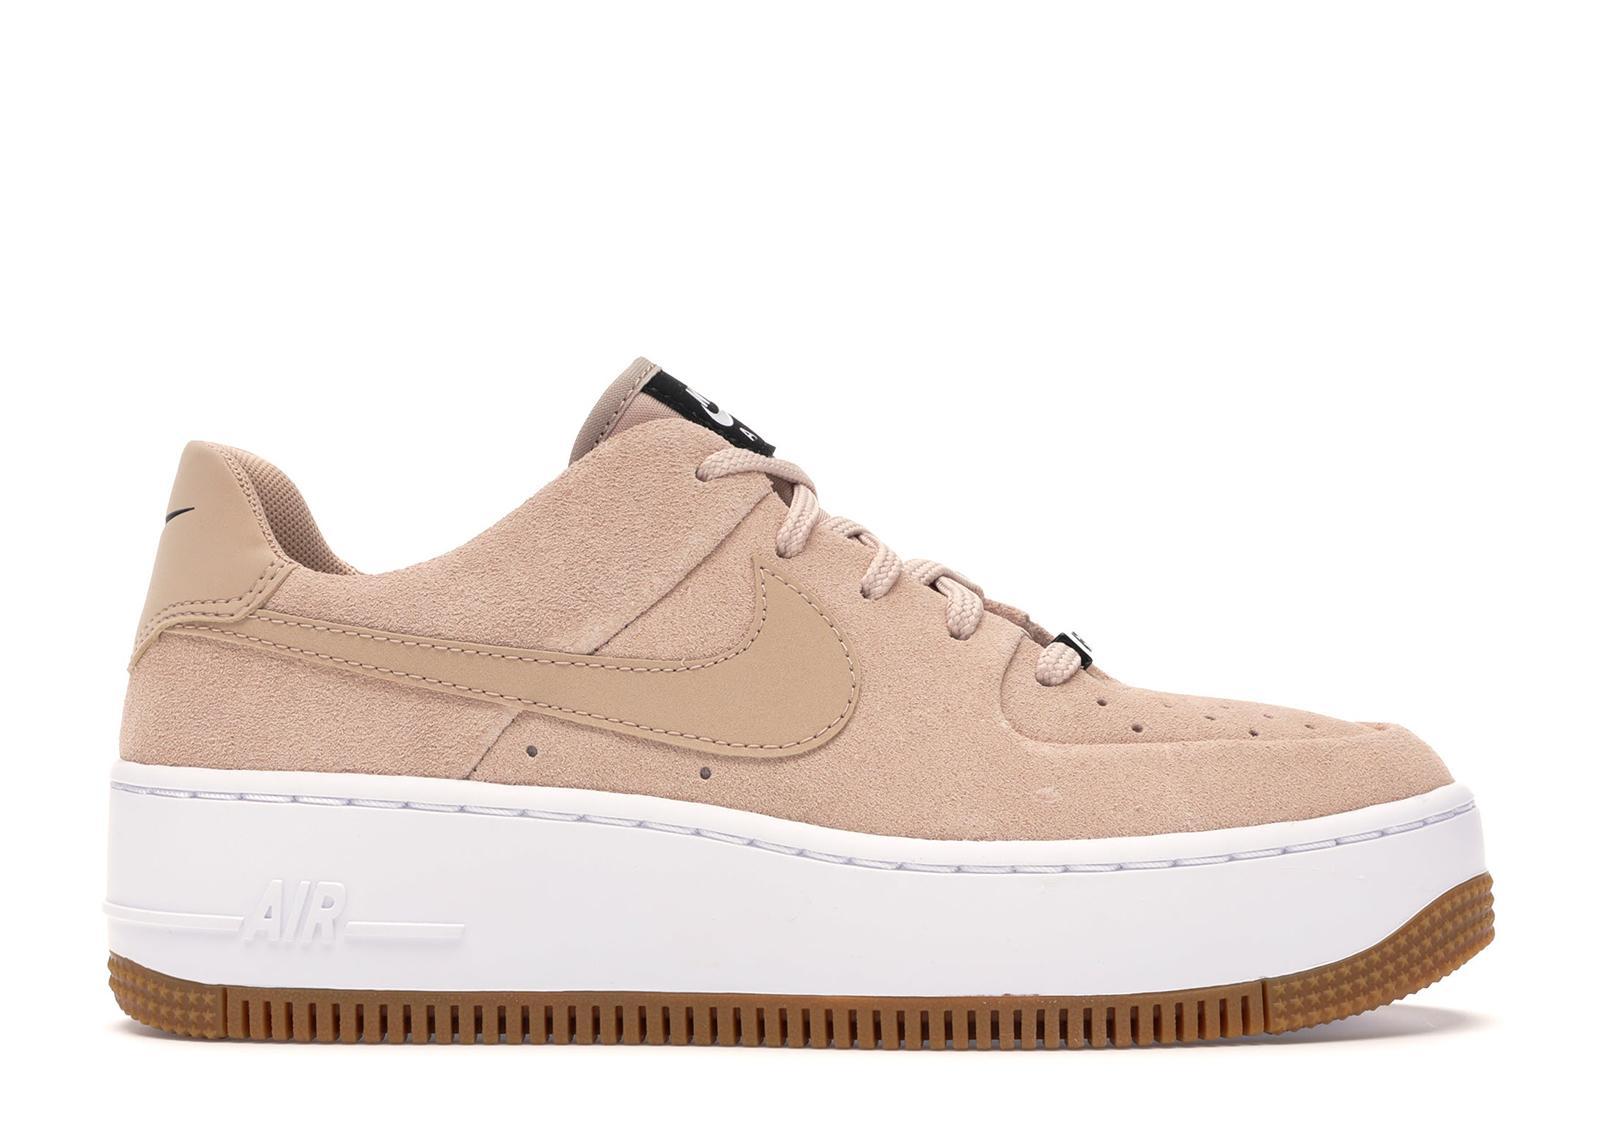 Nike Air Force Sage Low Beige Suede (w